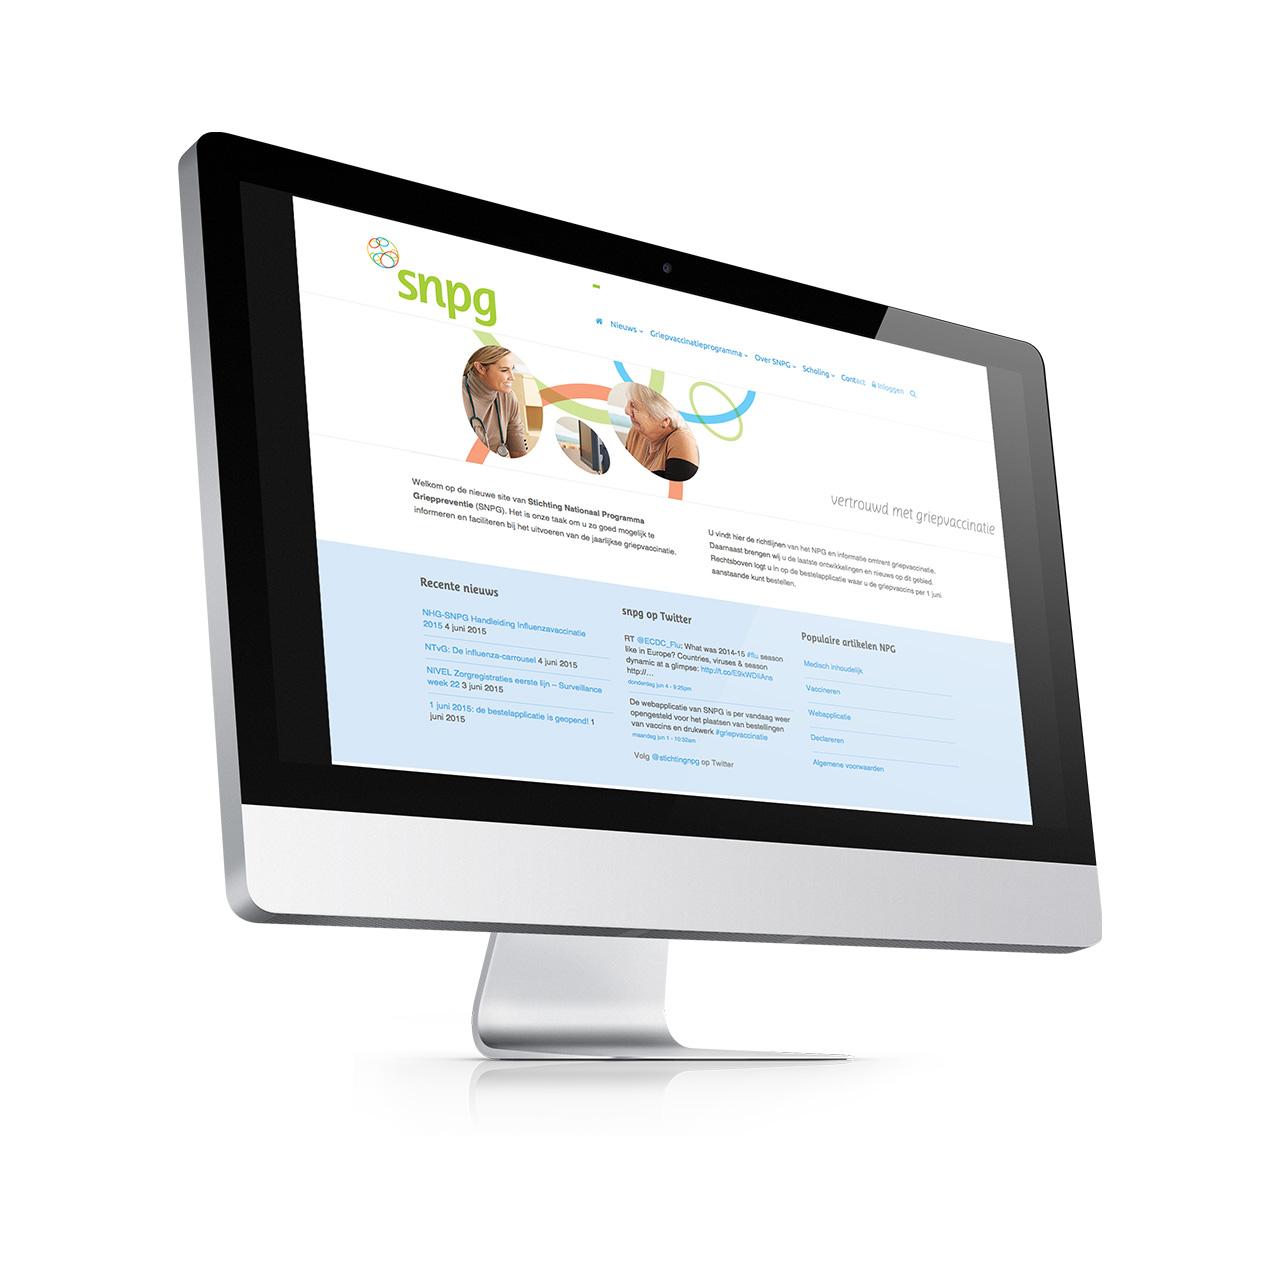 website_snpg.jpg